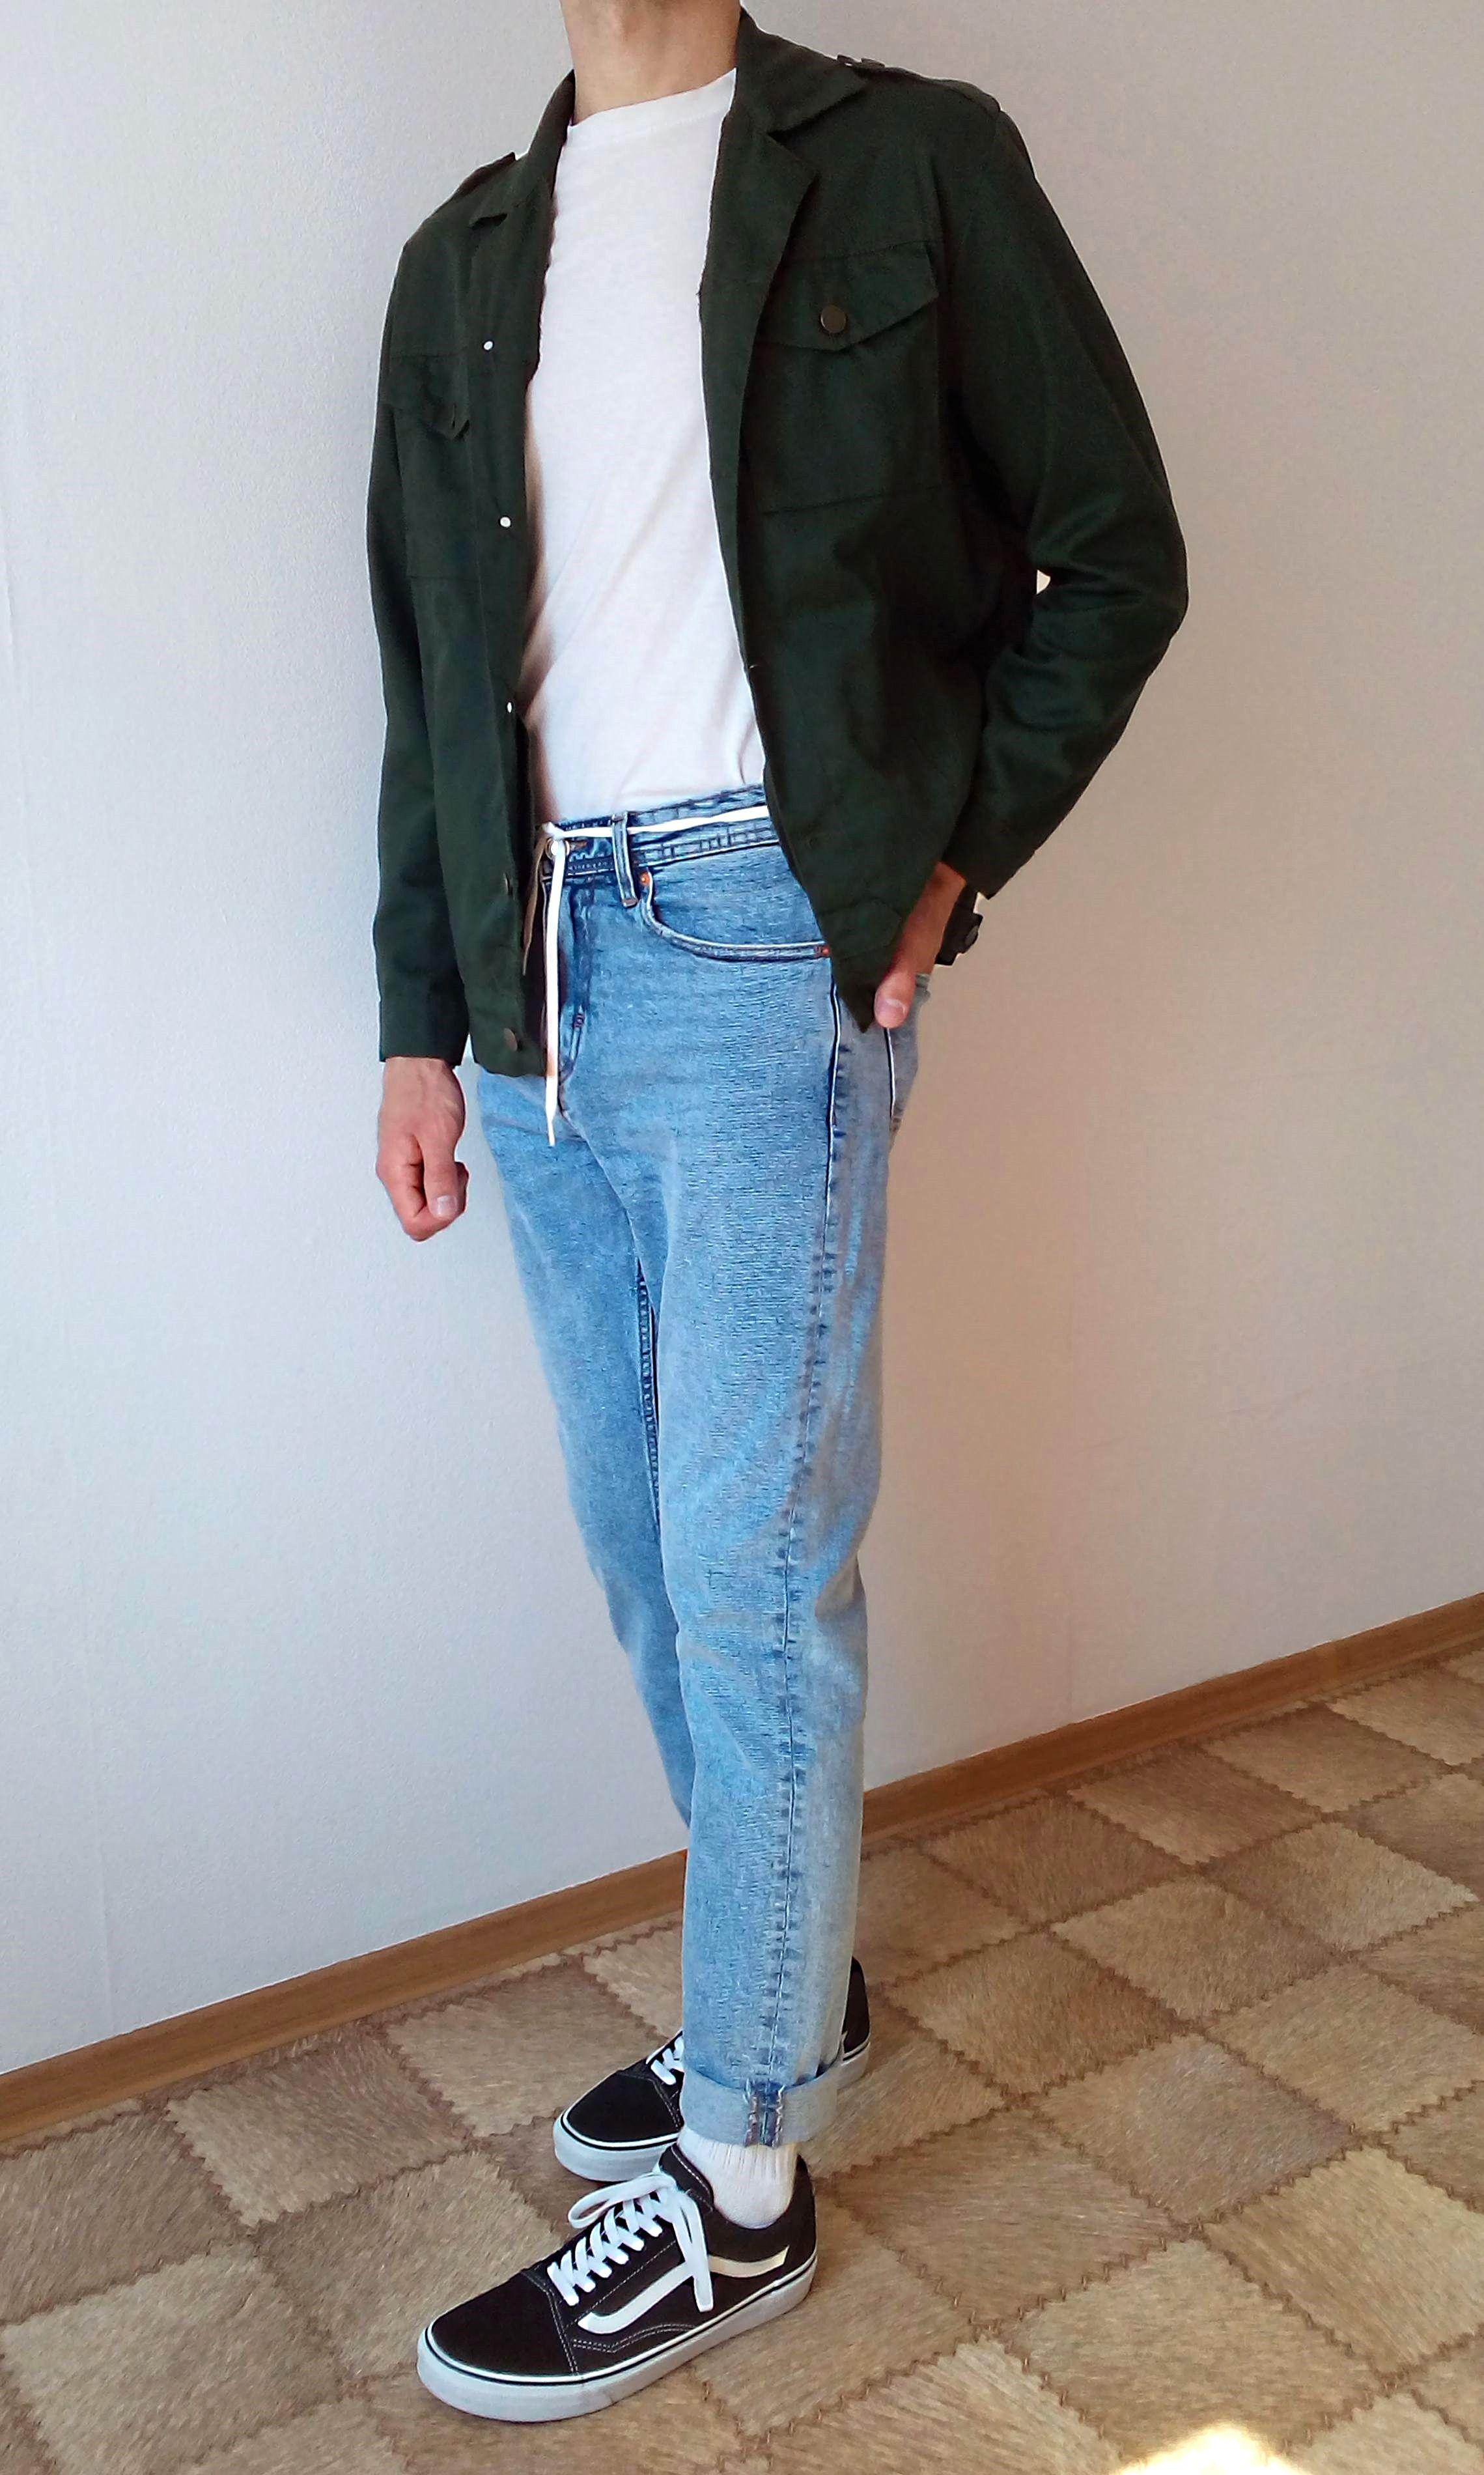 Pin von Thyll auf 90s | Streetwear männer, Streetwear